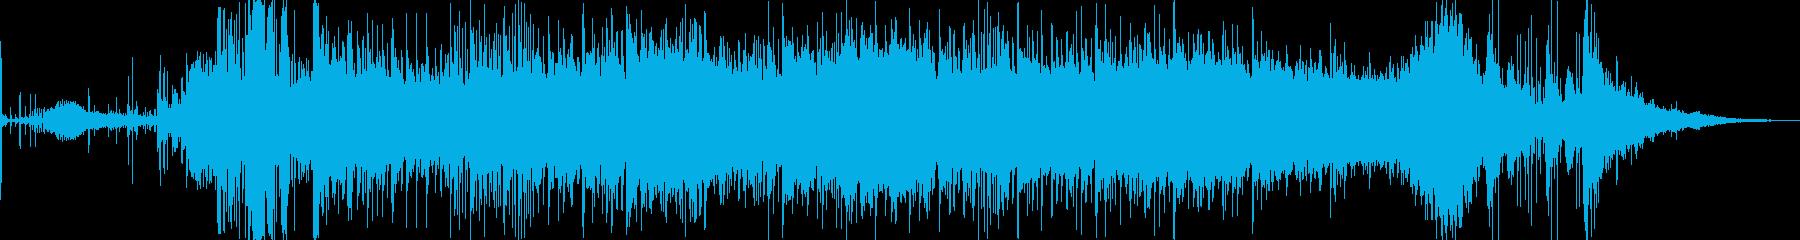 イルカが遊泳する軽快で楽しい楽曲。水族…の再生済みの波形